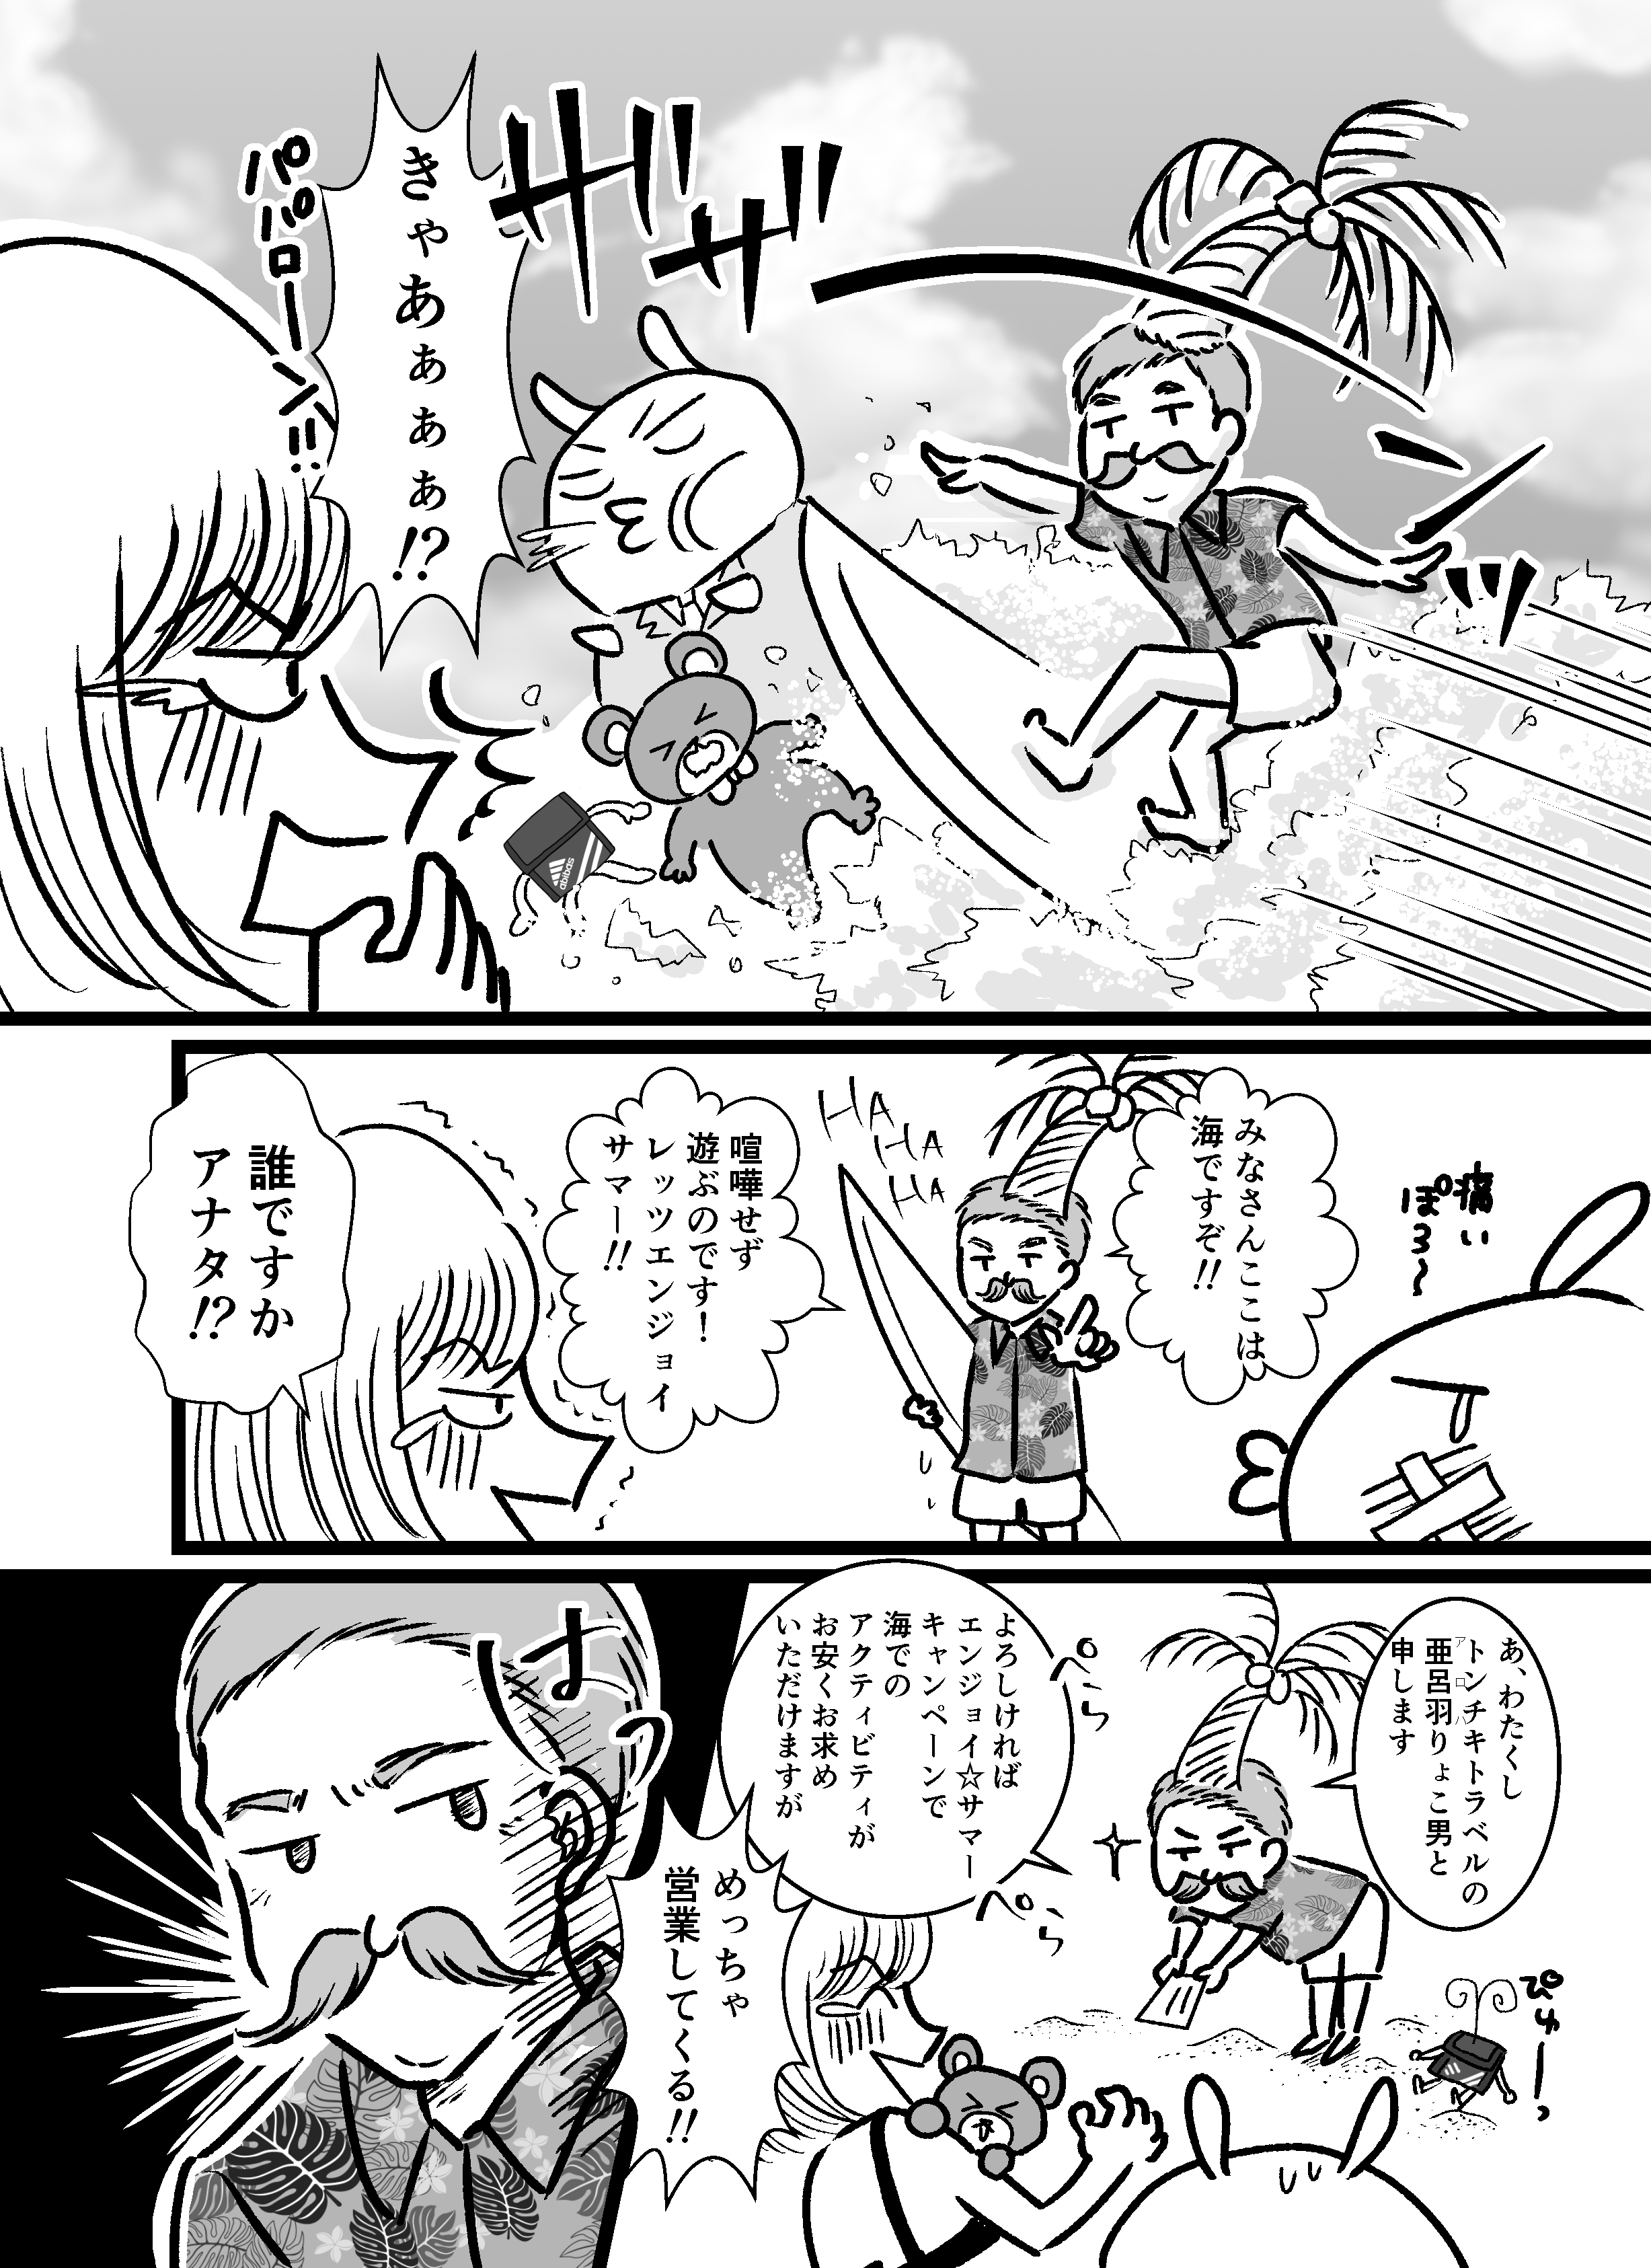 リレー漫画